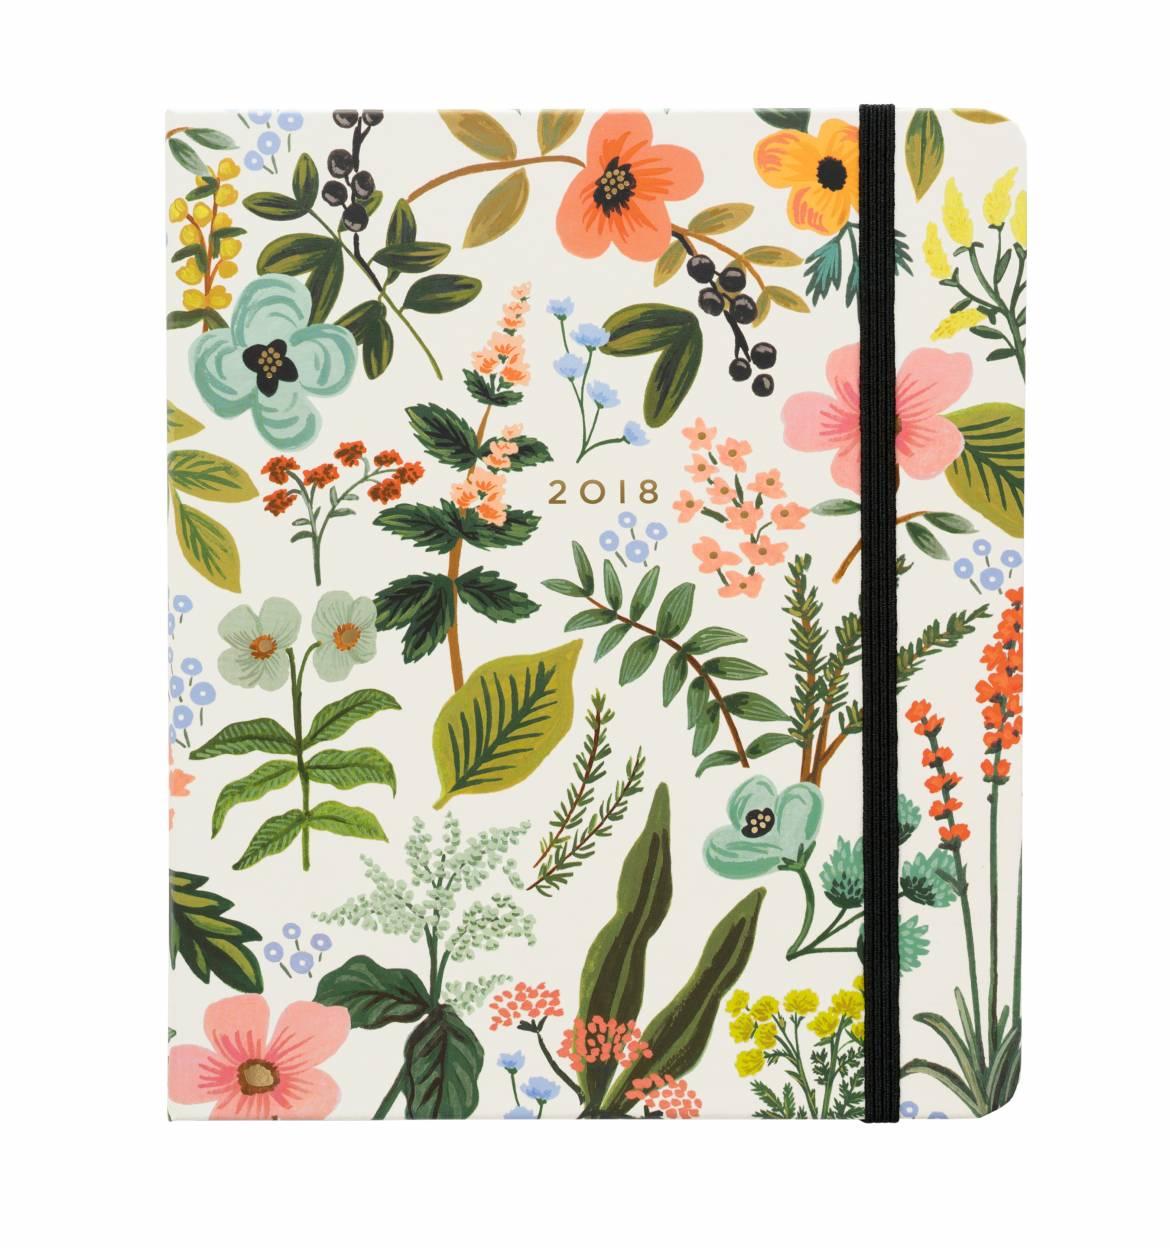 2018 Herb Garden Planner